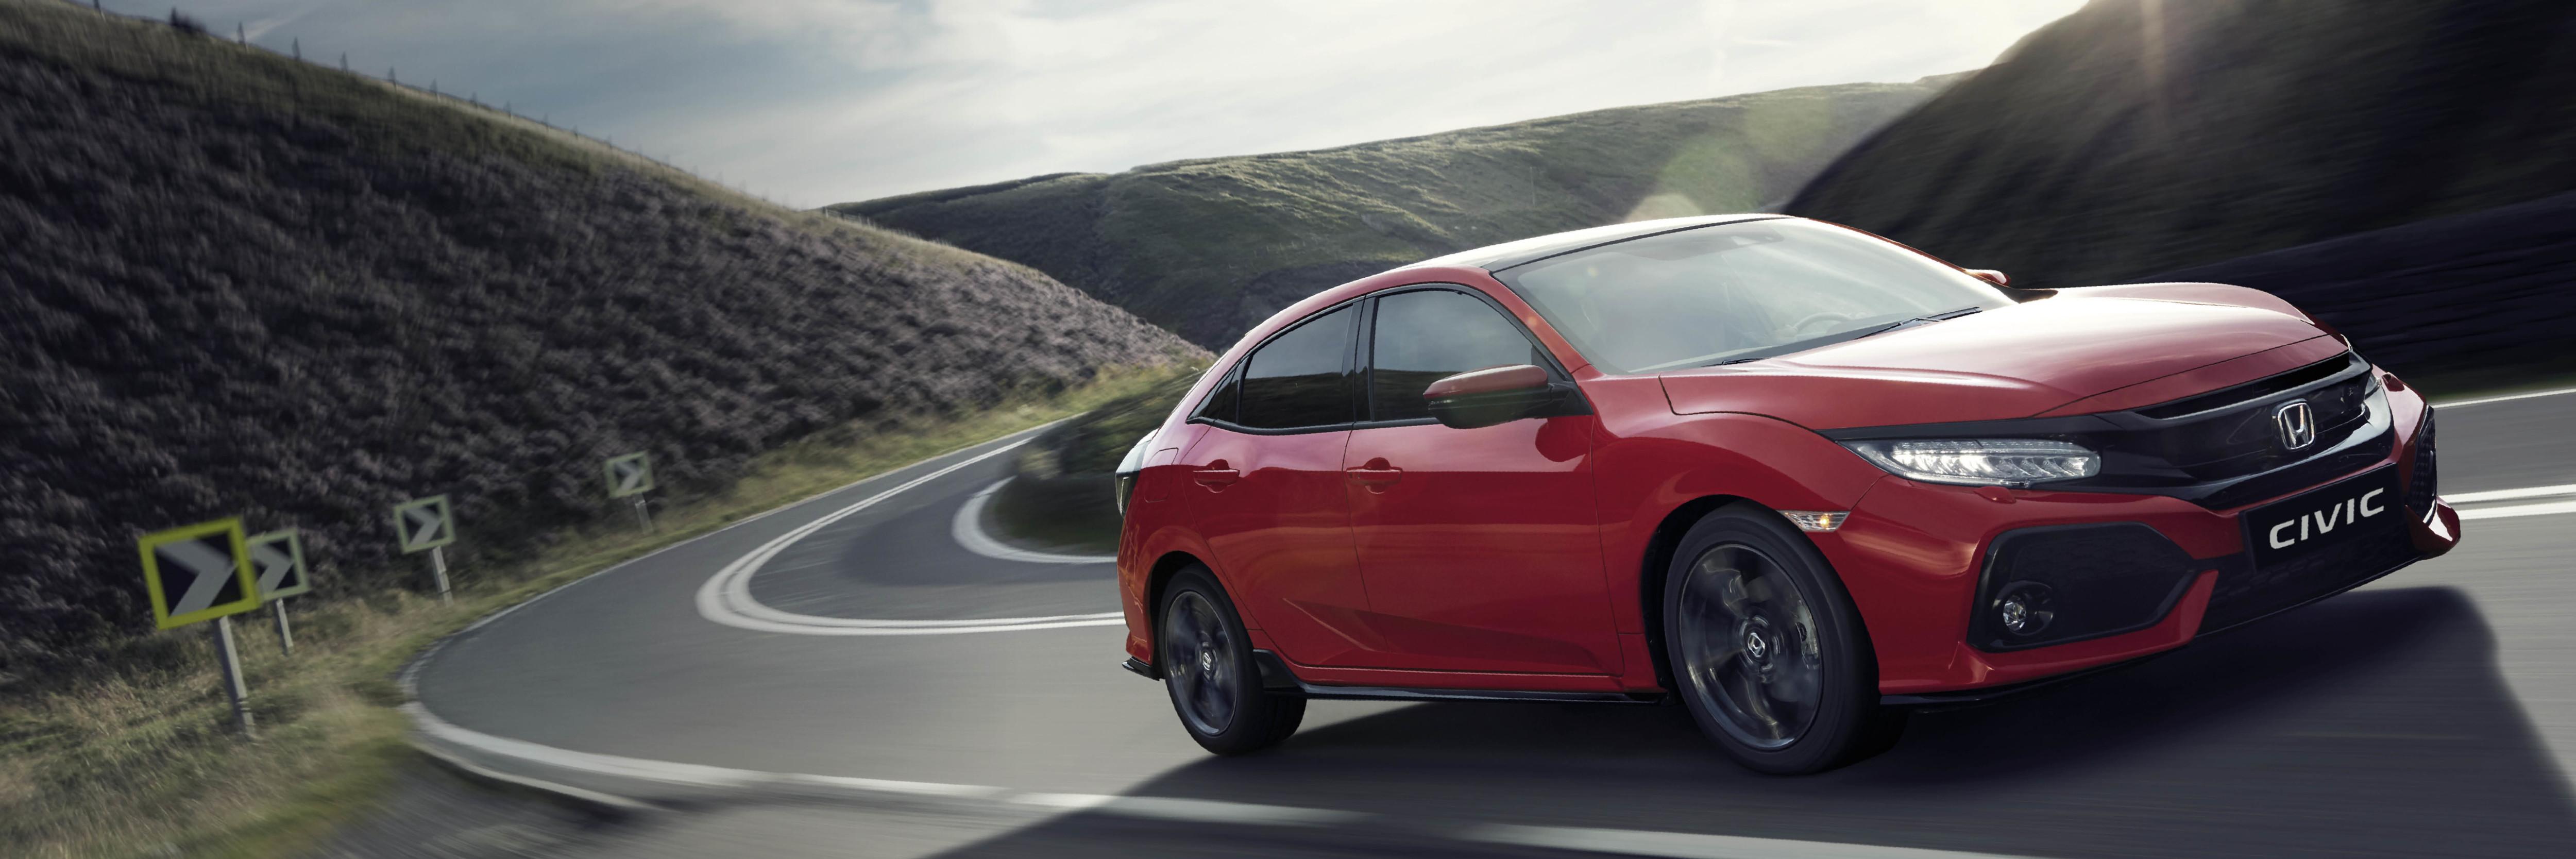 Sell My Honda | Free Honda Valuation | Jardine Motors